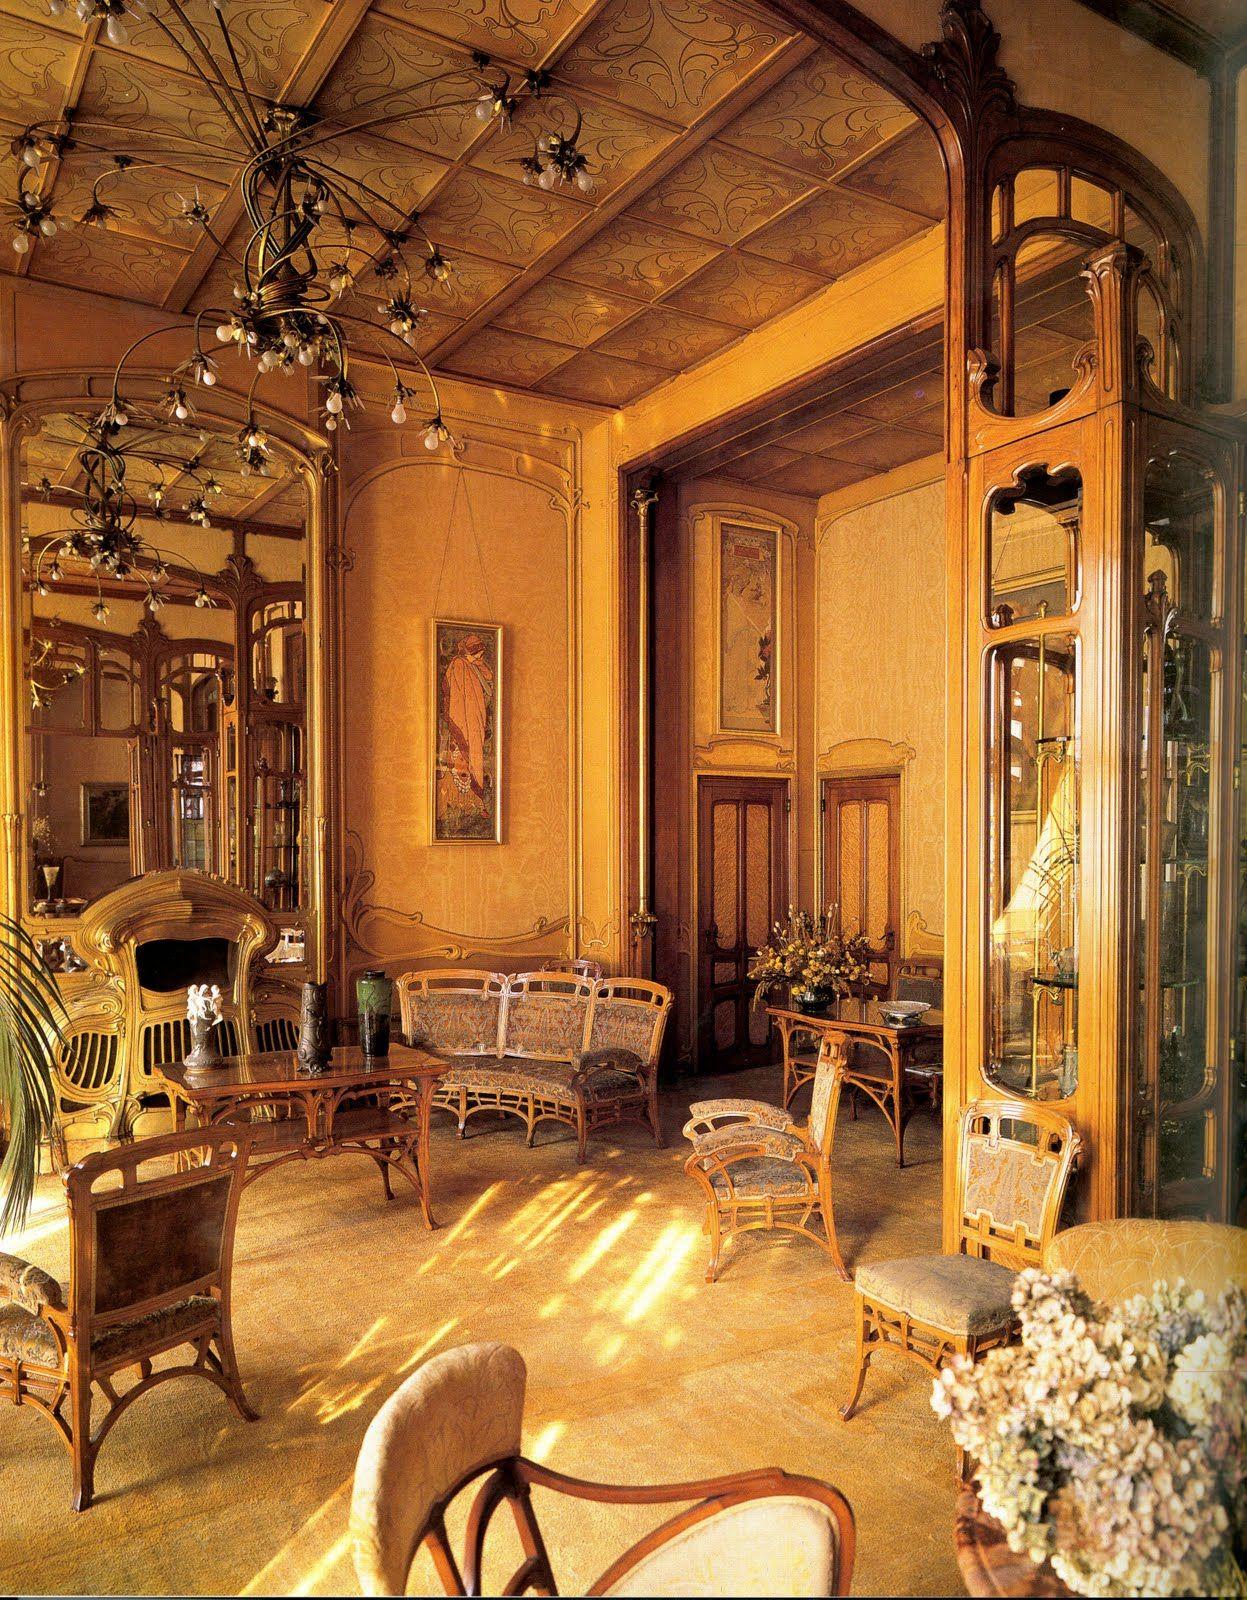 Interior of Htel Solvay by Victor Horta